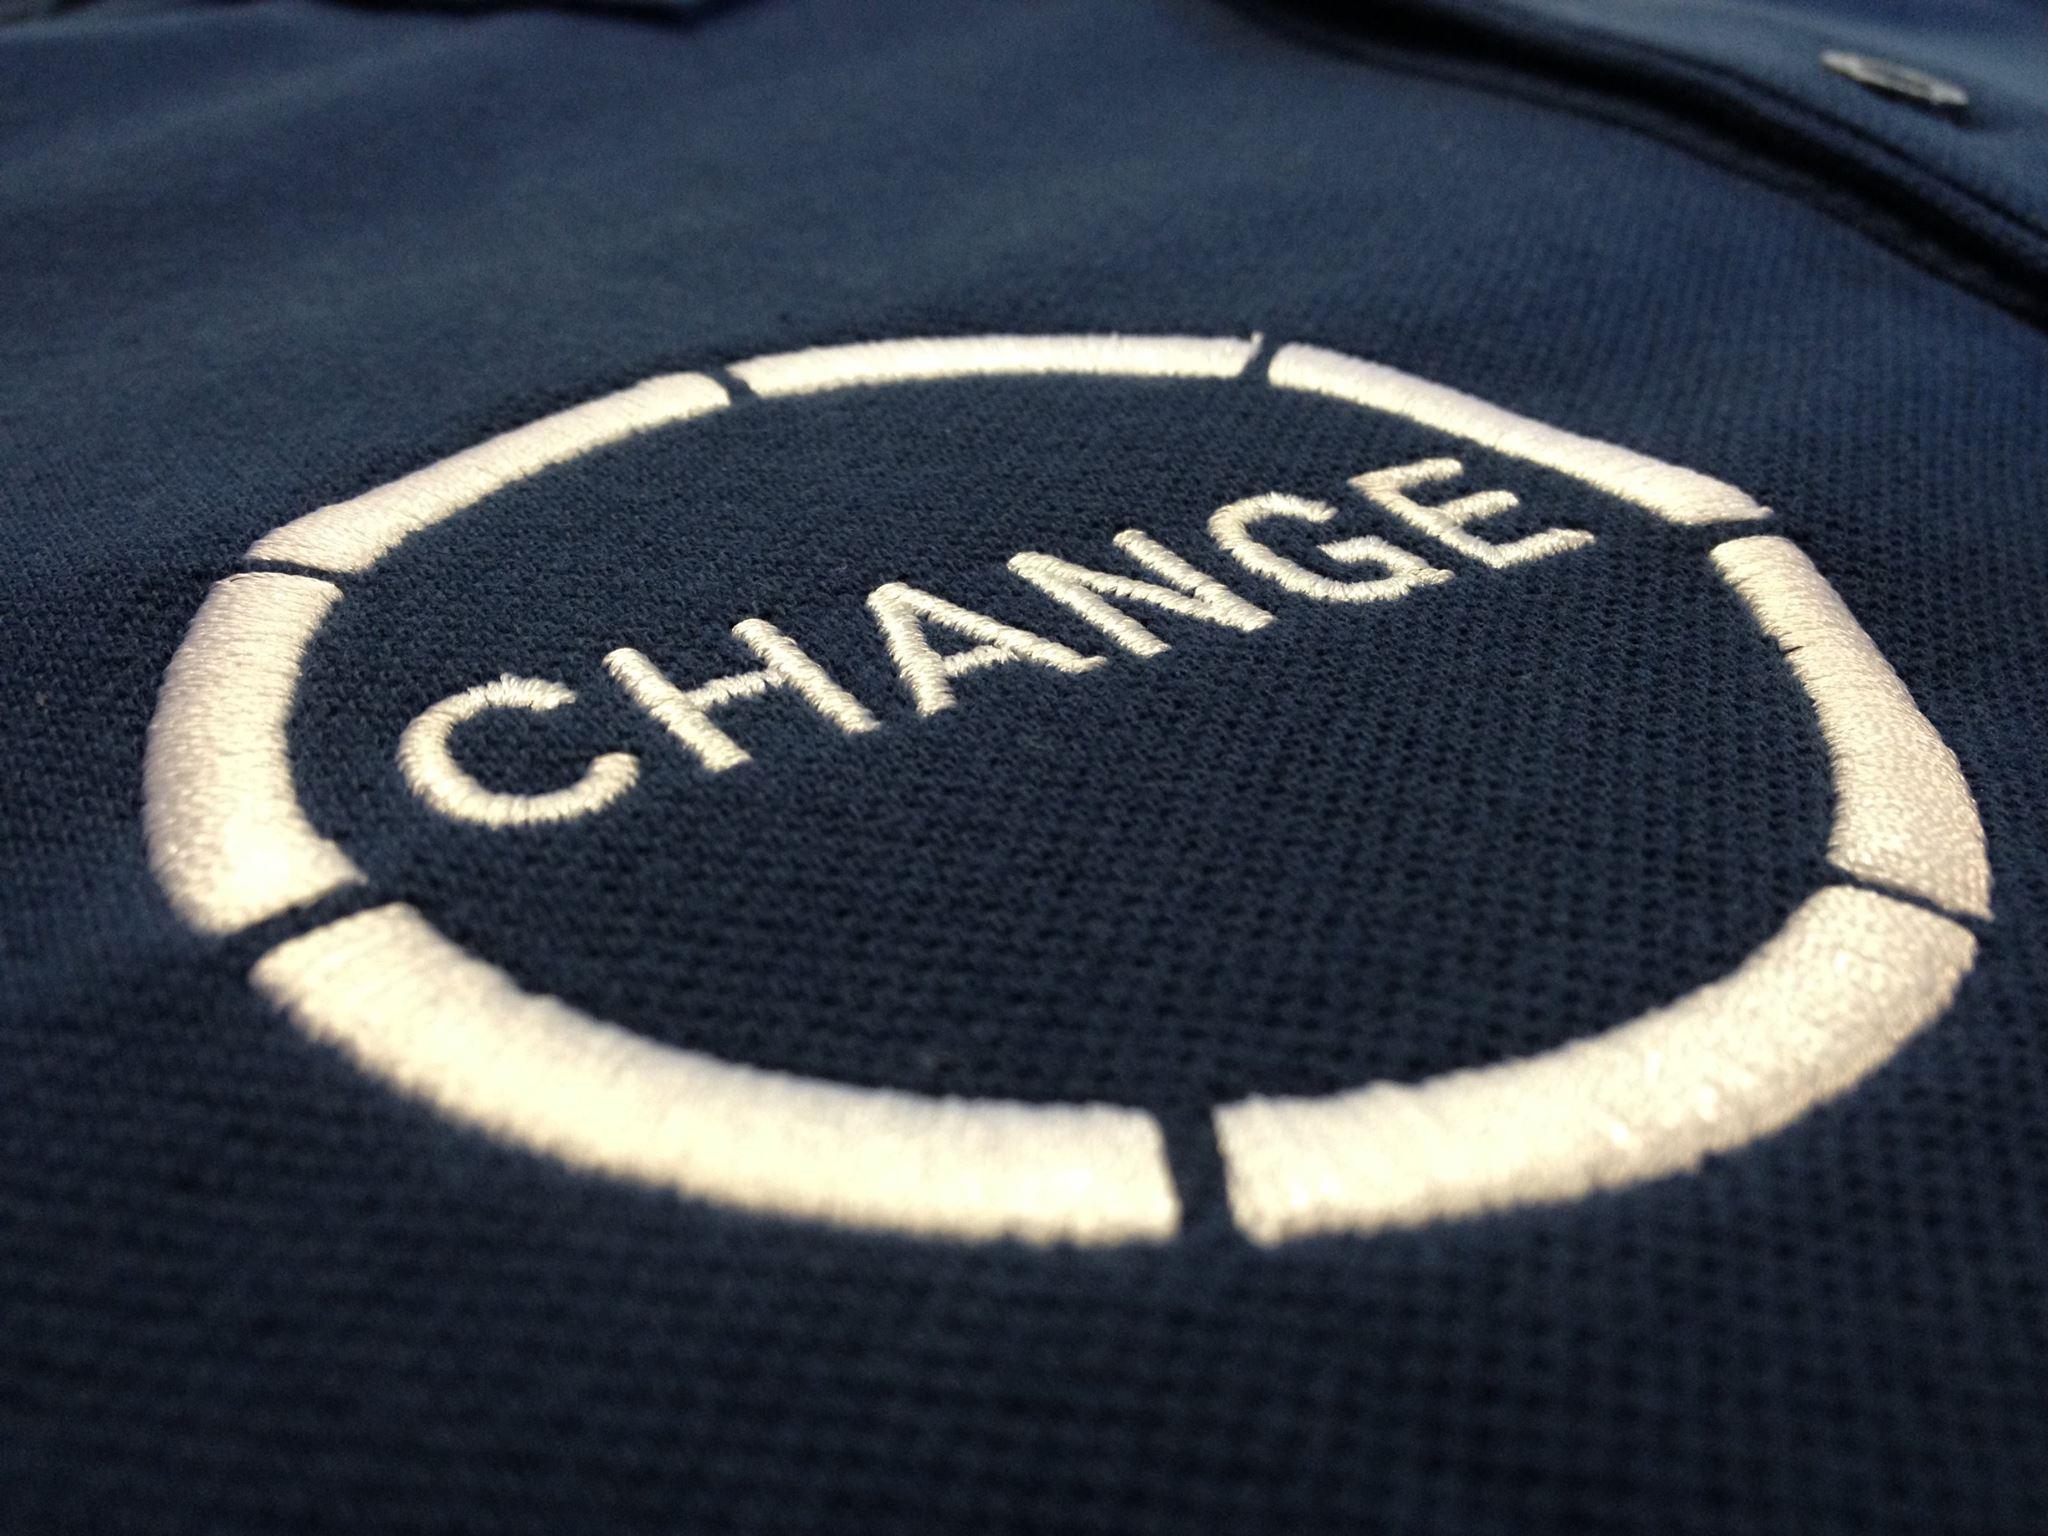 Bestickung Change auf Poloshirts